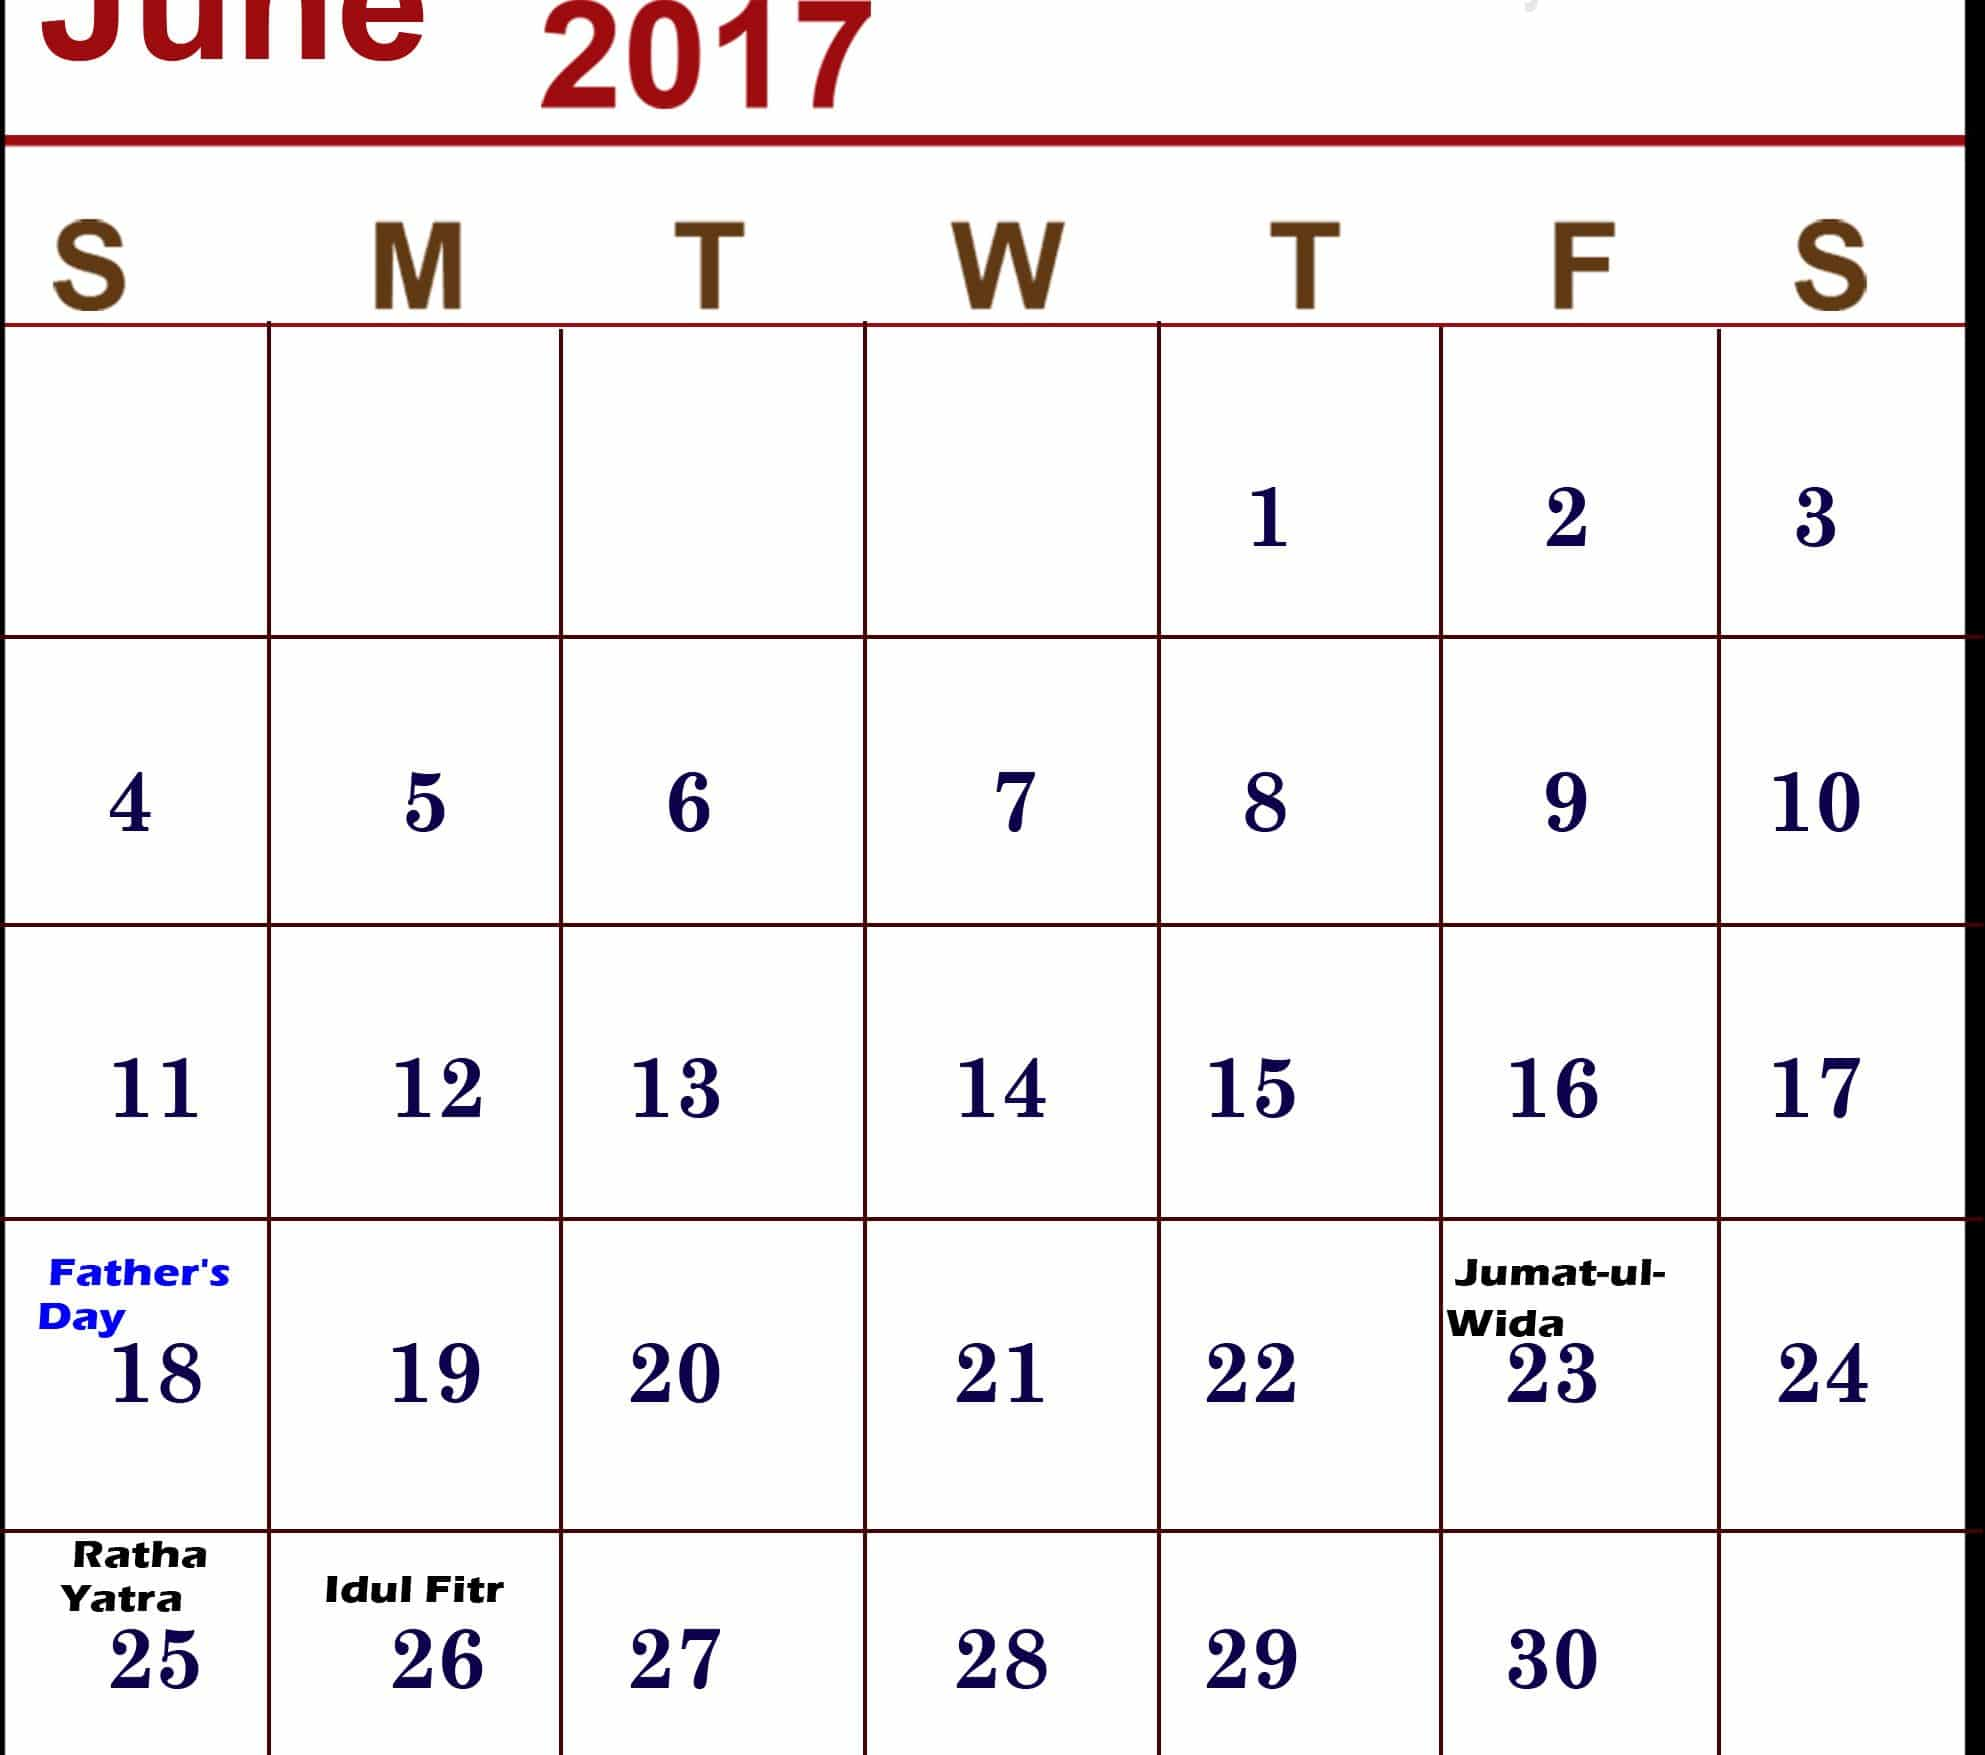 Free June 2017 calendar Image